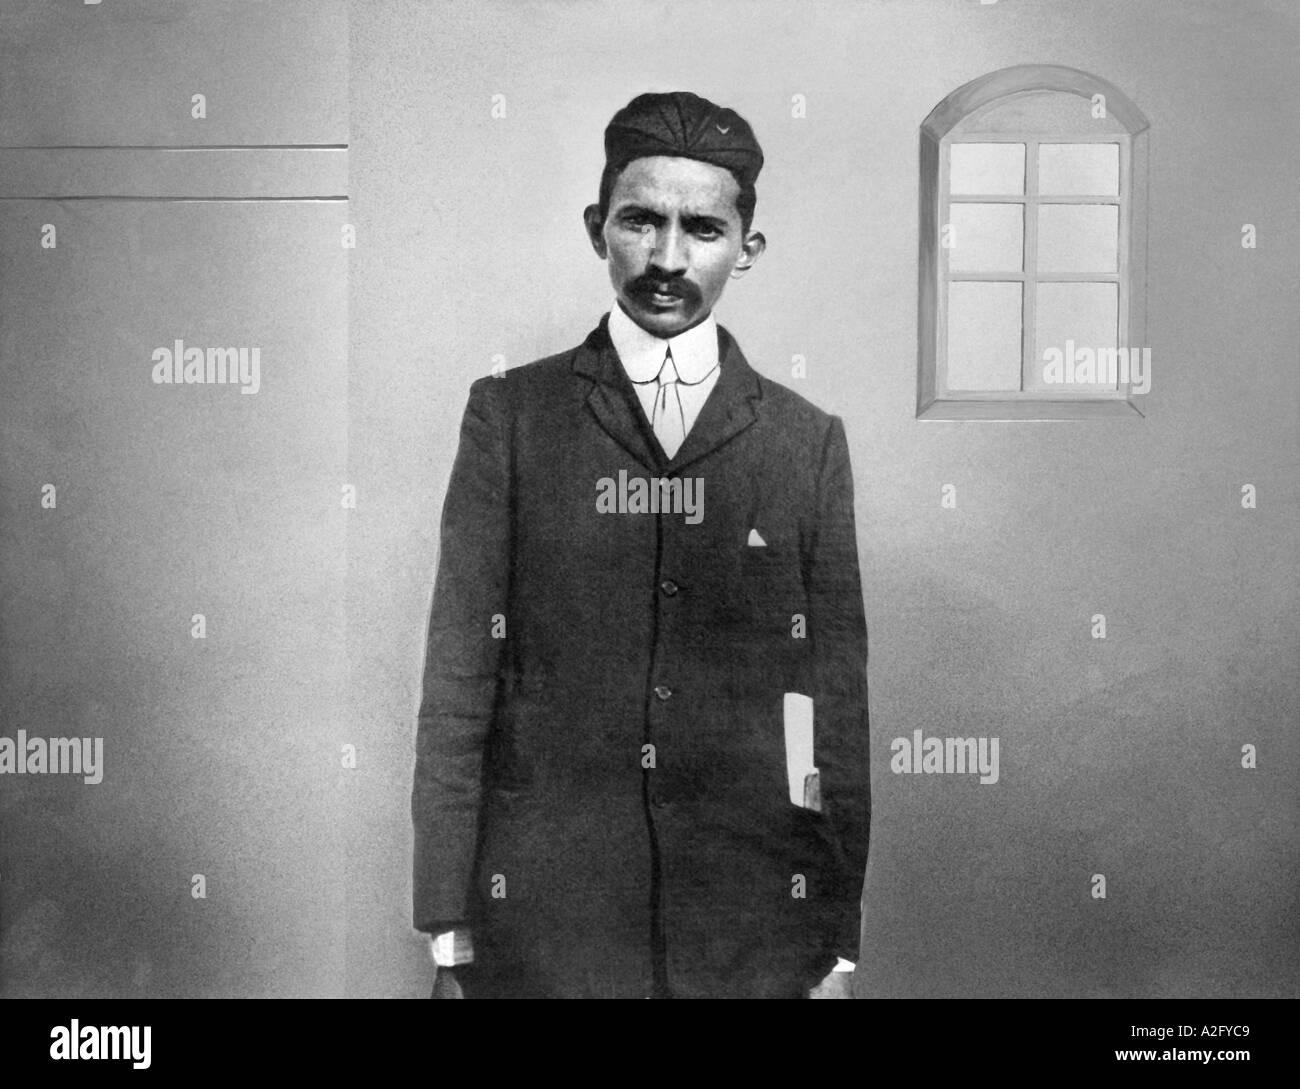 Il Mahatma Gandhi come avvocato in tuta ricoprire il tirante del tappo durante i primi anni di pratica legale a Johannesburg in Sud Africa 1900 Immagini Stock